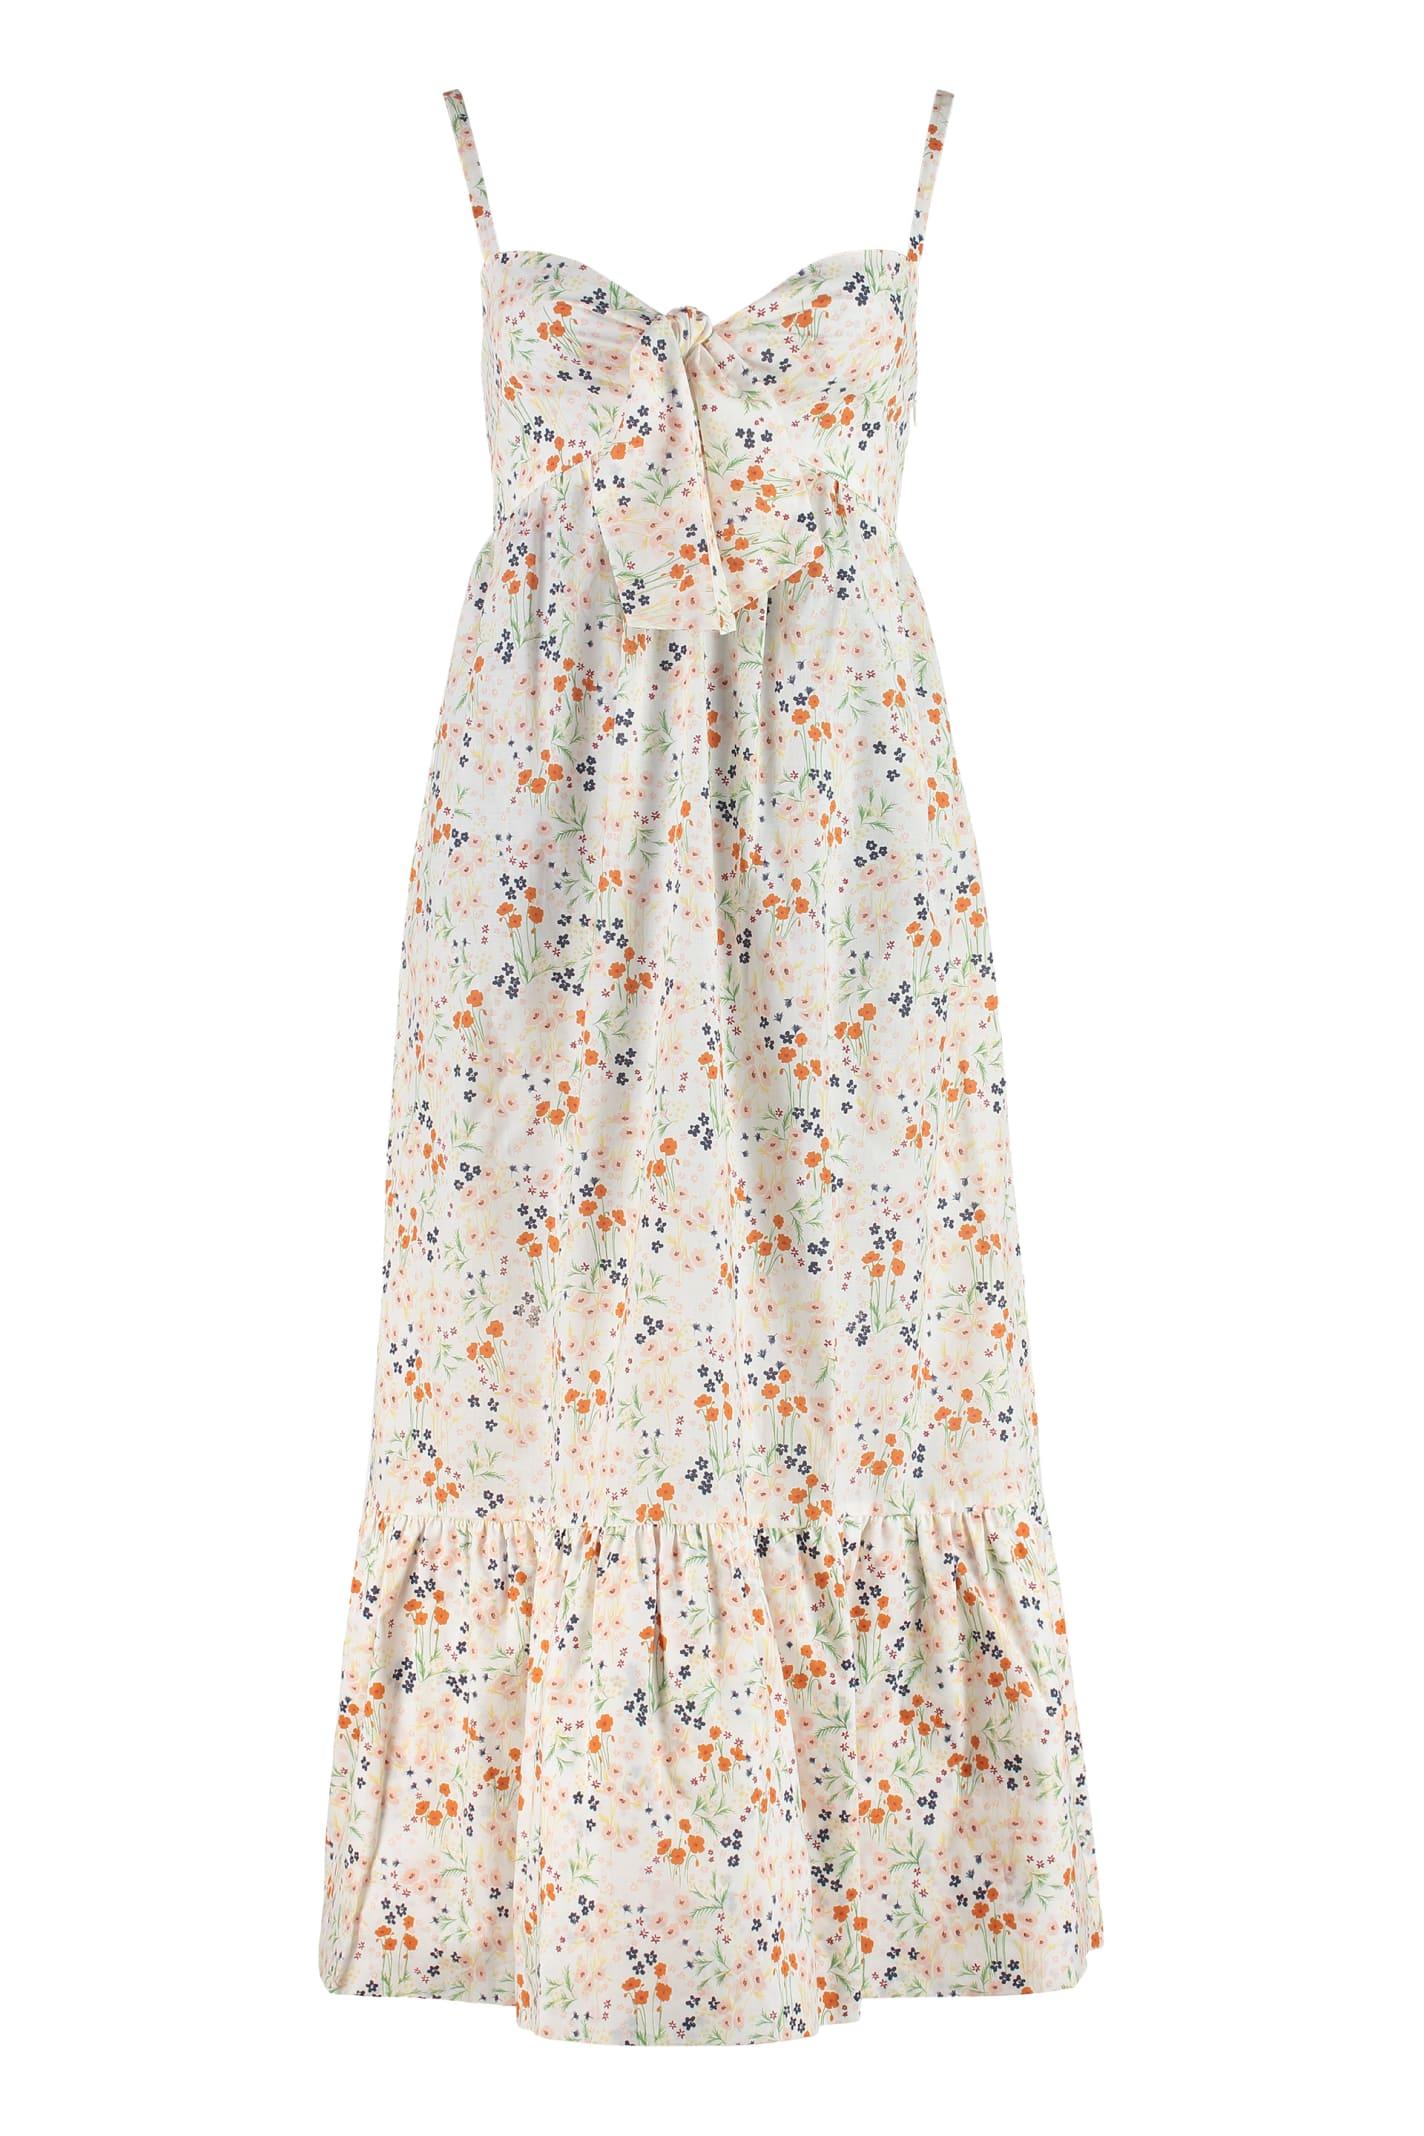 LAutre Chose Printed Cotton Dress